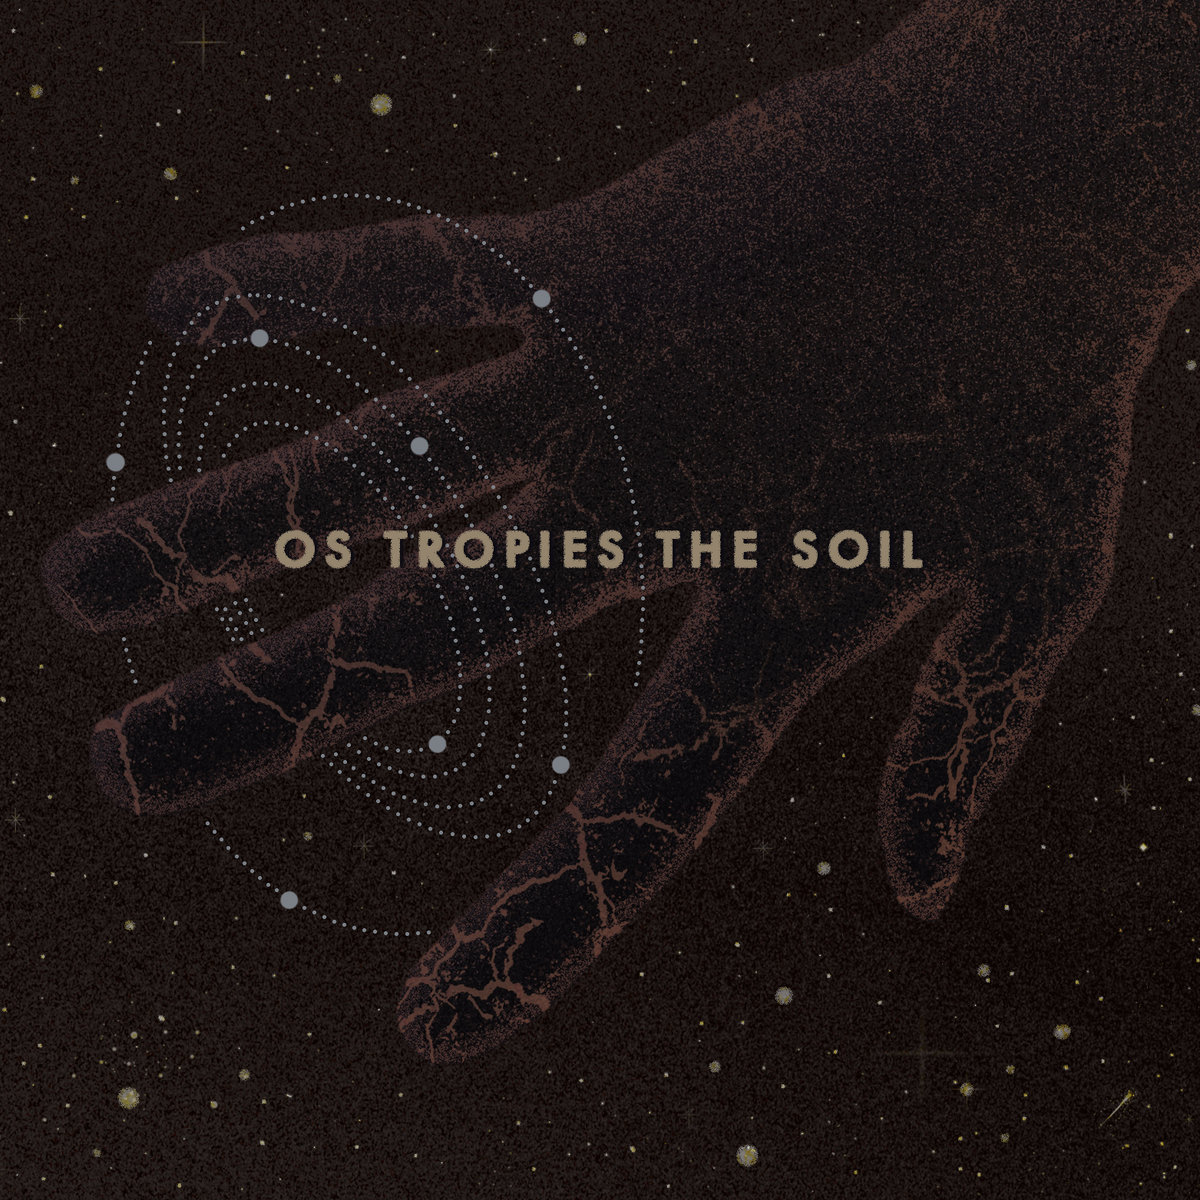 Os Tropies - The Soil